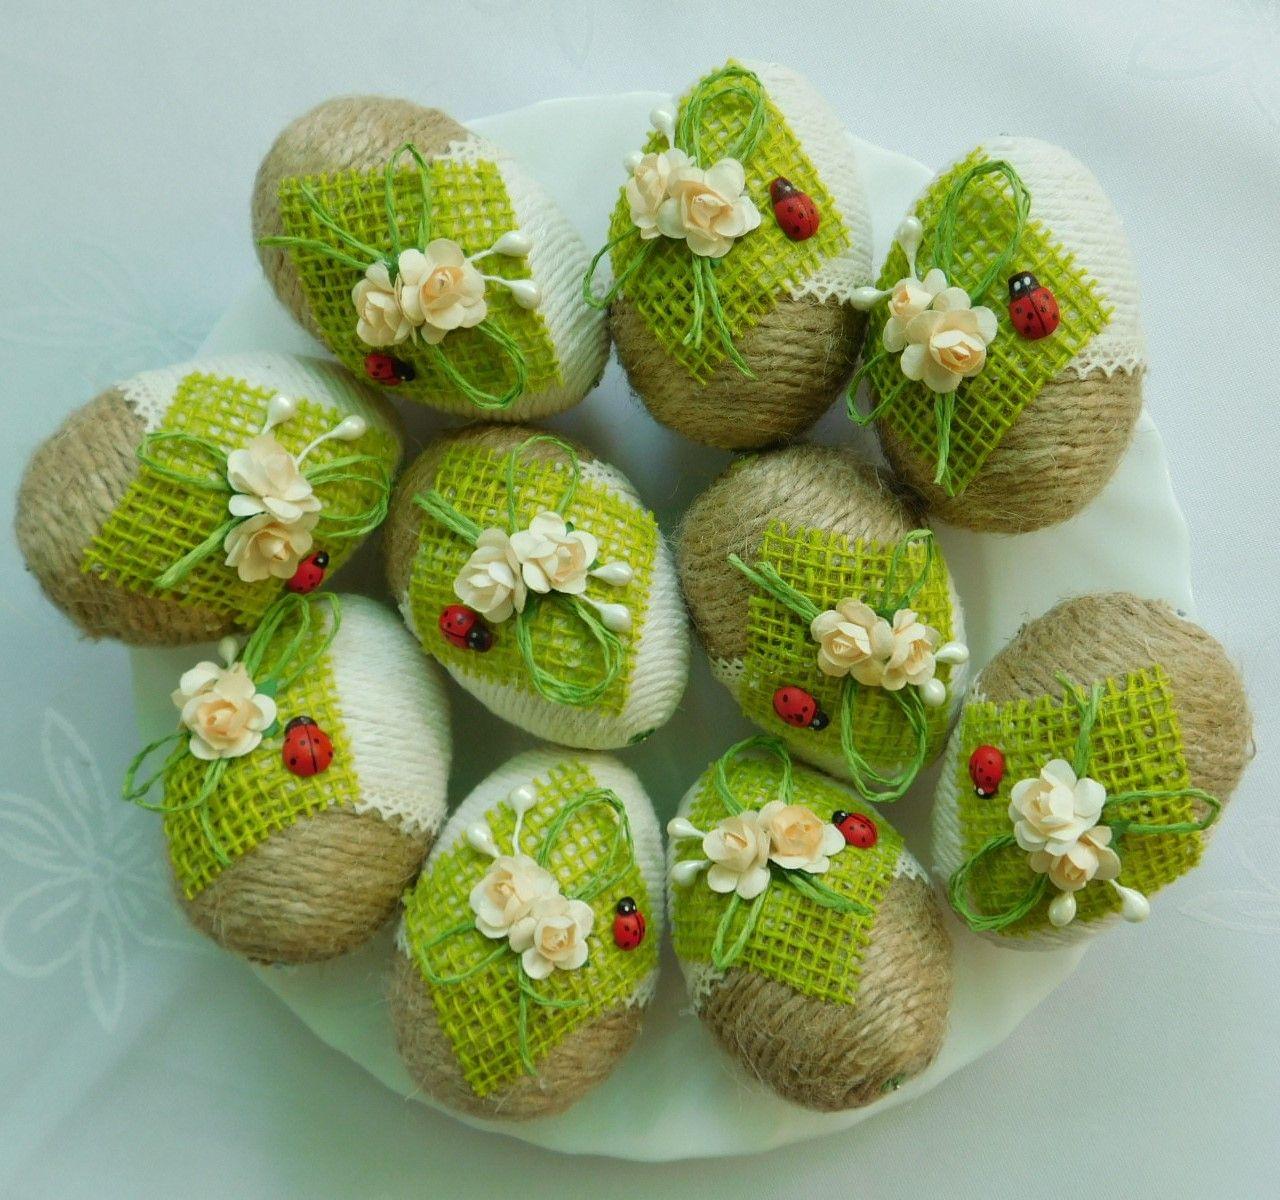 Piekne Jajka Pisanki Ozdoby Wielkanocne Rekodzielo 7171167805 Oficjalne Archiwum Allegro Easter Crafts Easter Diy Diy Spring Crafts